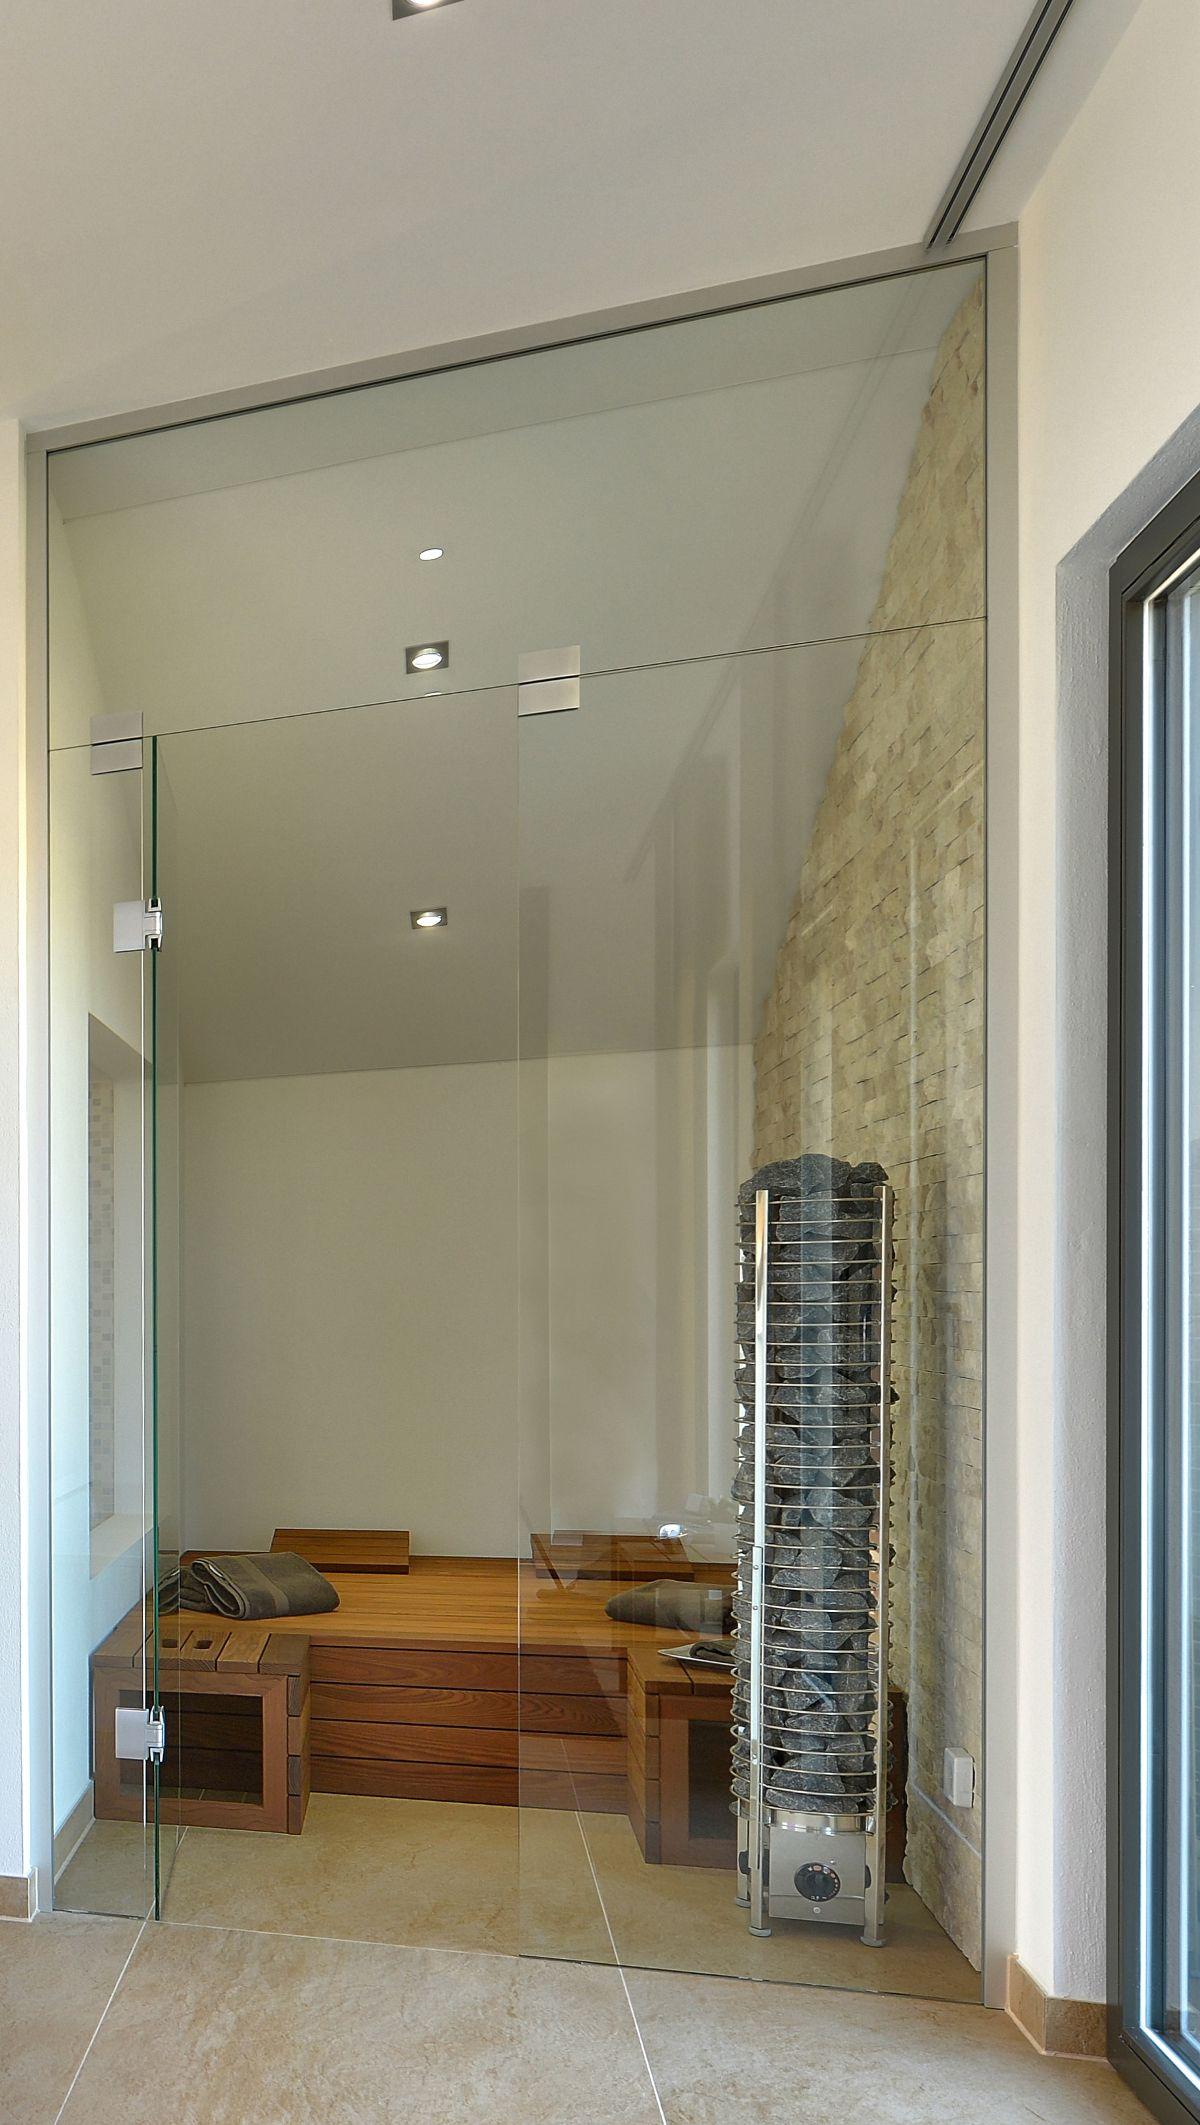 Die Eigene Sauna Im Badezimmer Wie Wars Mit Dieser Variante Bienzenker Badezimmer Bad Verwohnenundwohlfuhlen Wellness Badezimmer Zimmer Bad